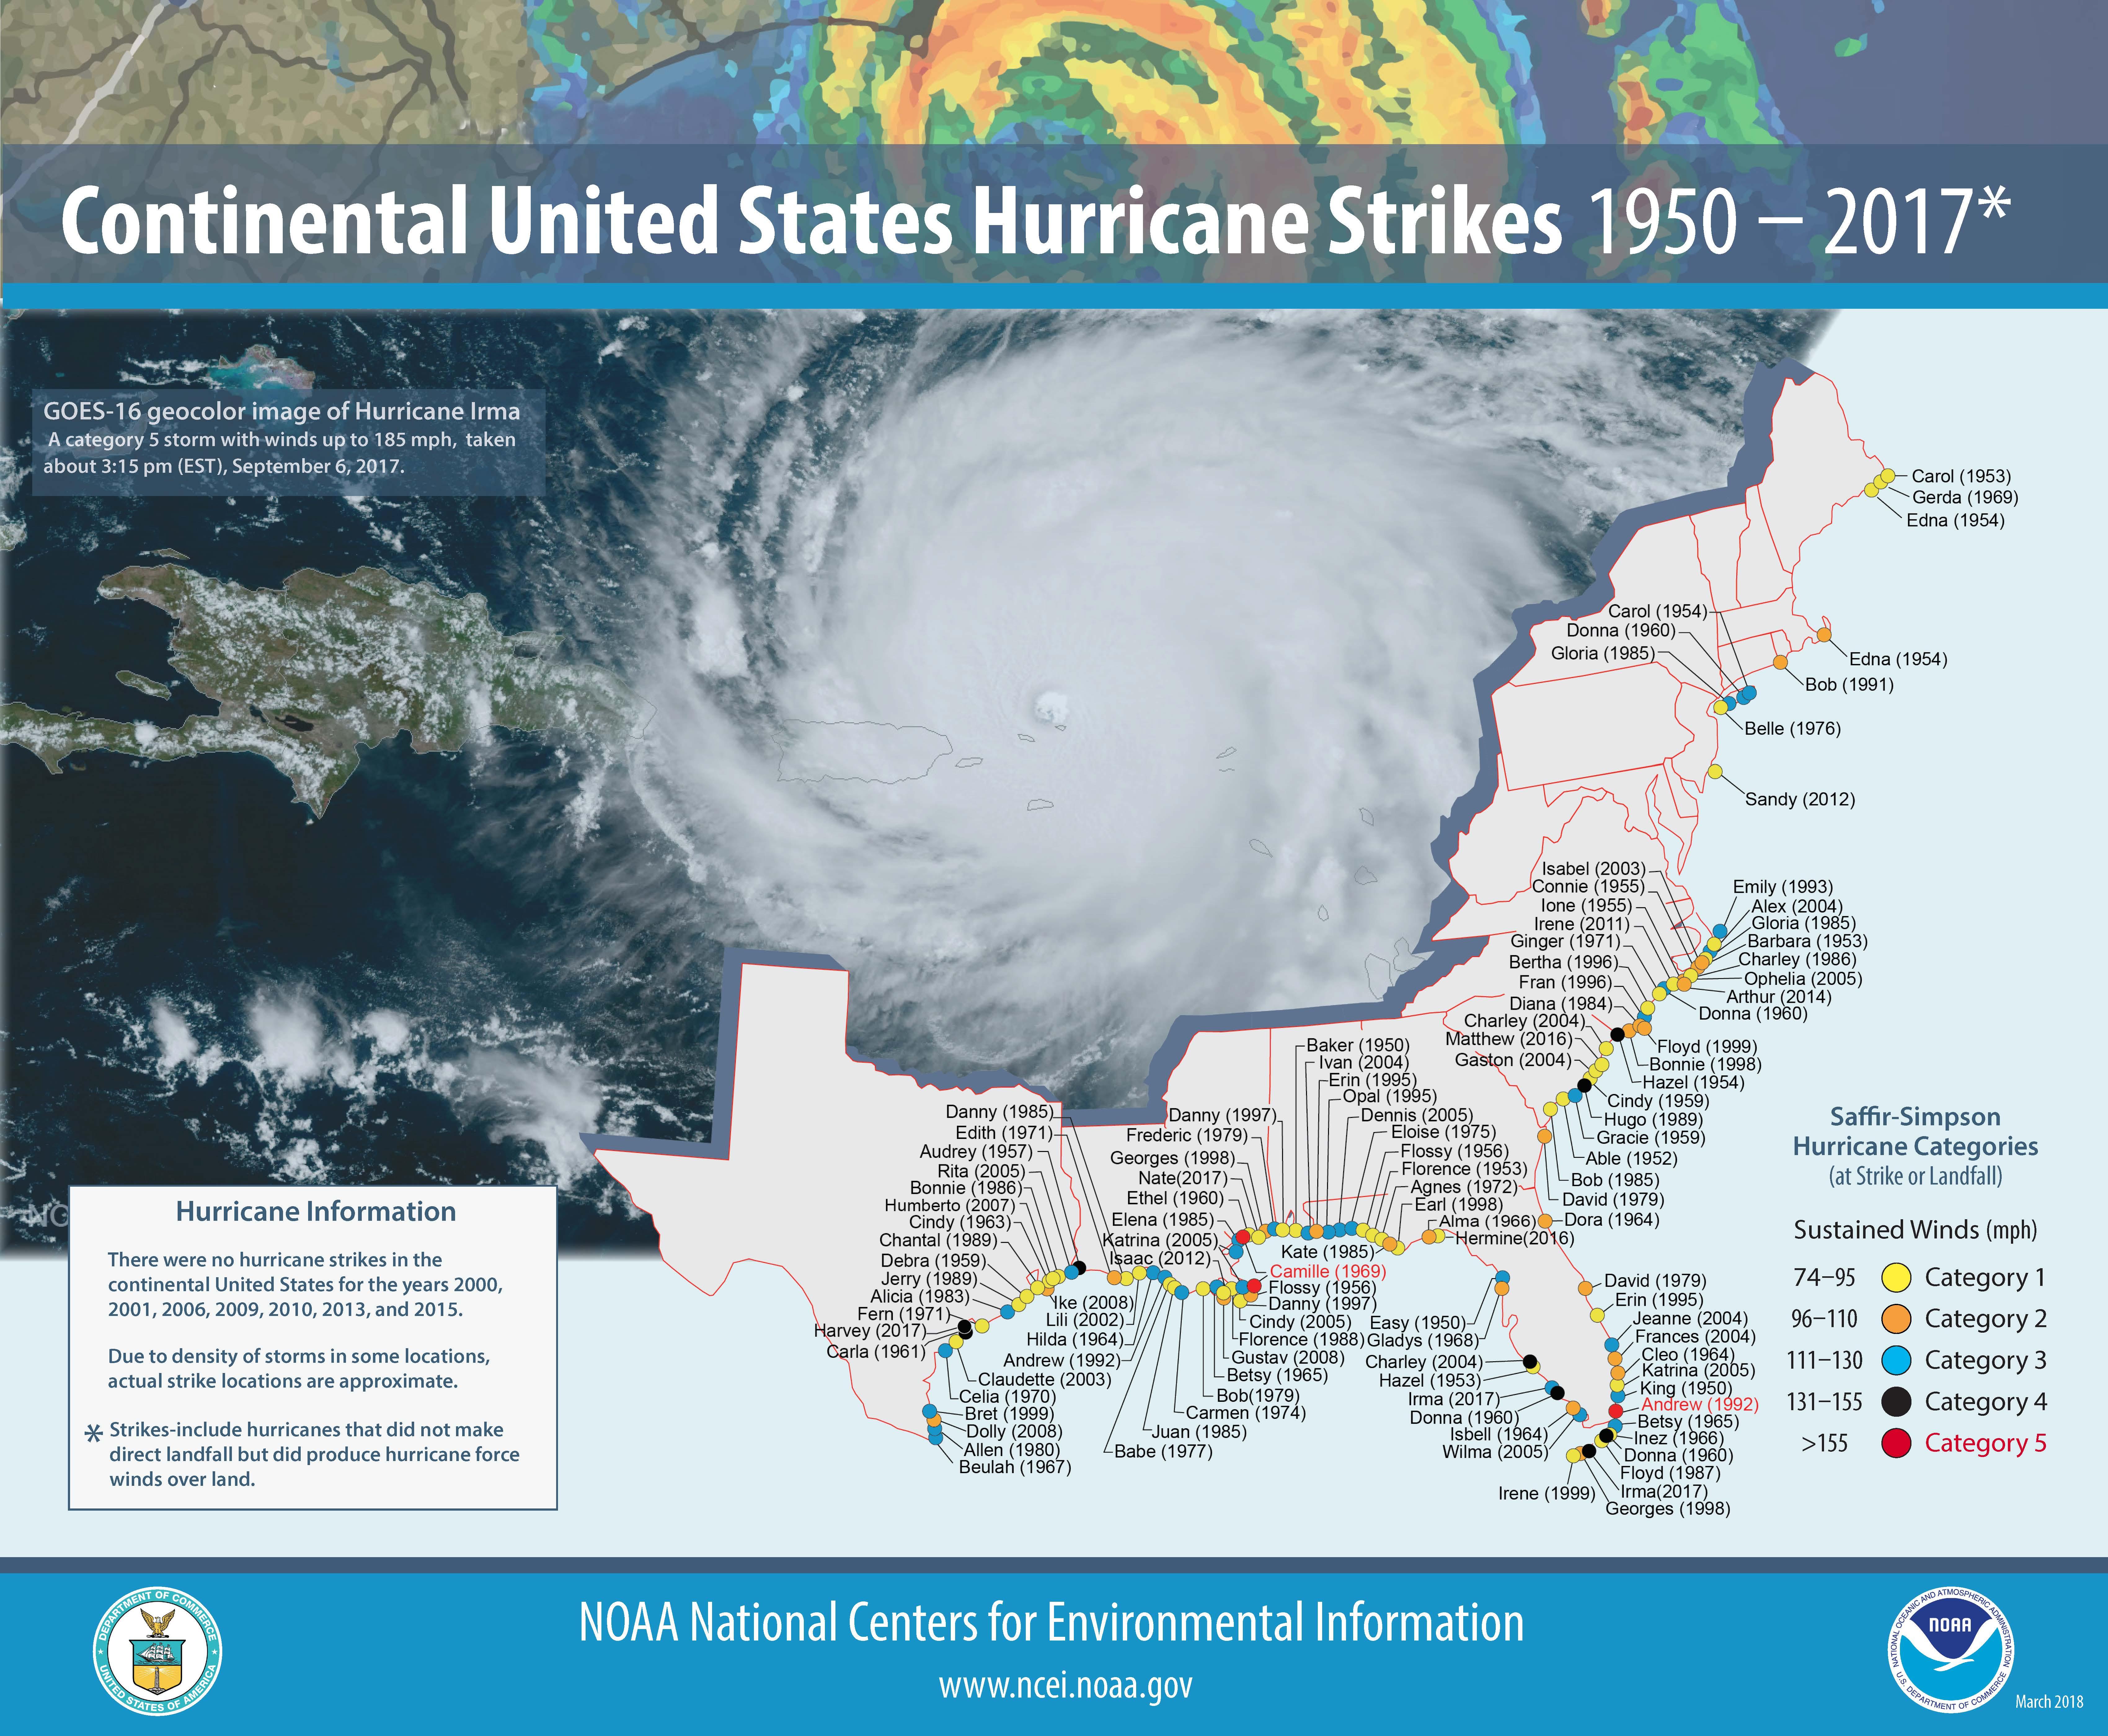 الأعاصير التي ضربت أميركا خلال (1950-2017) نقلا عن المركز الوطني للأعاصير